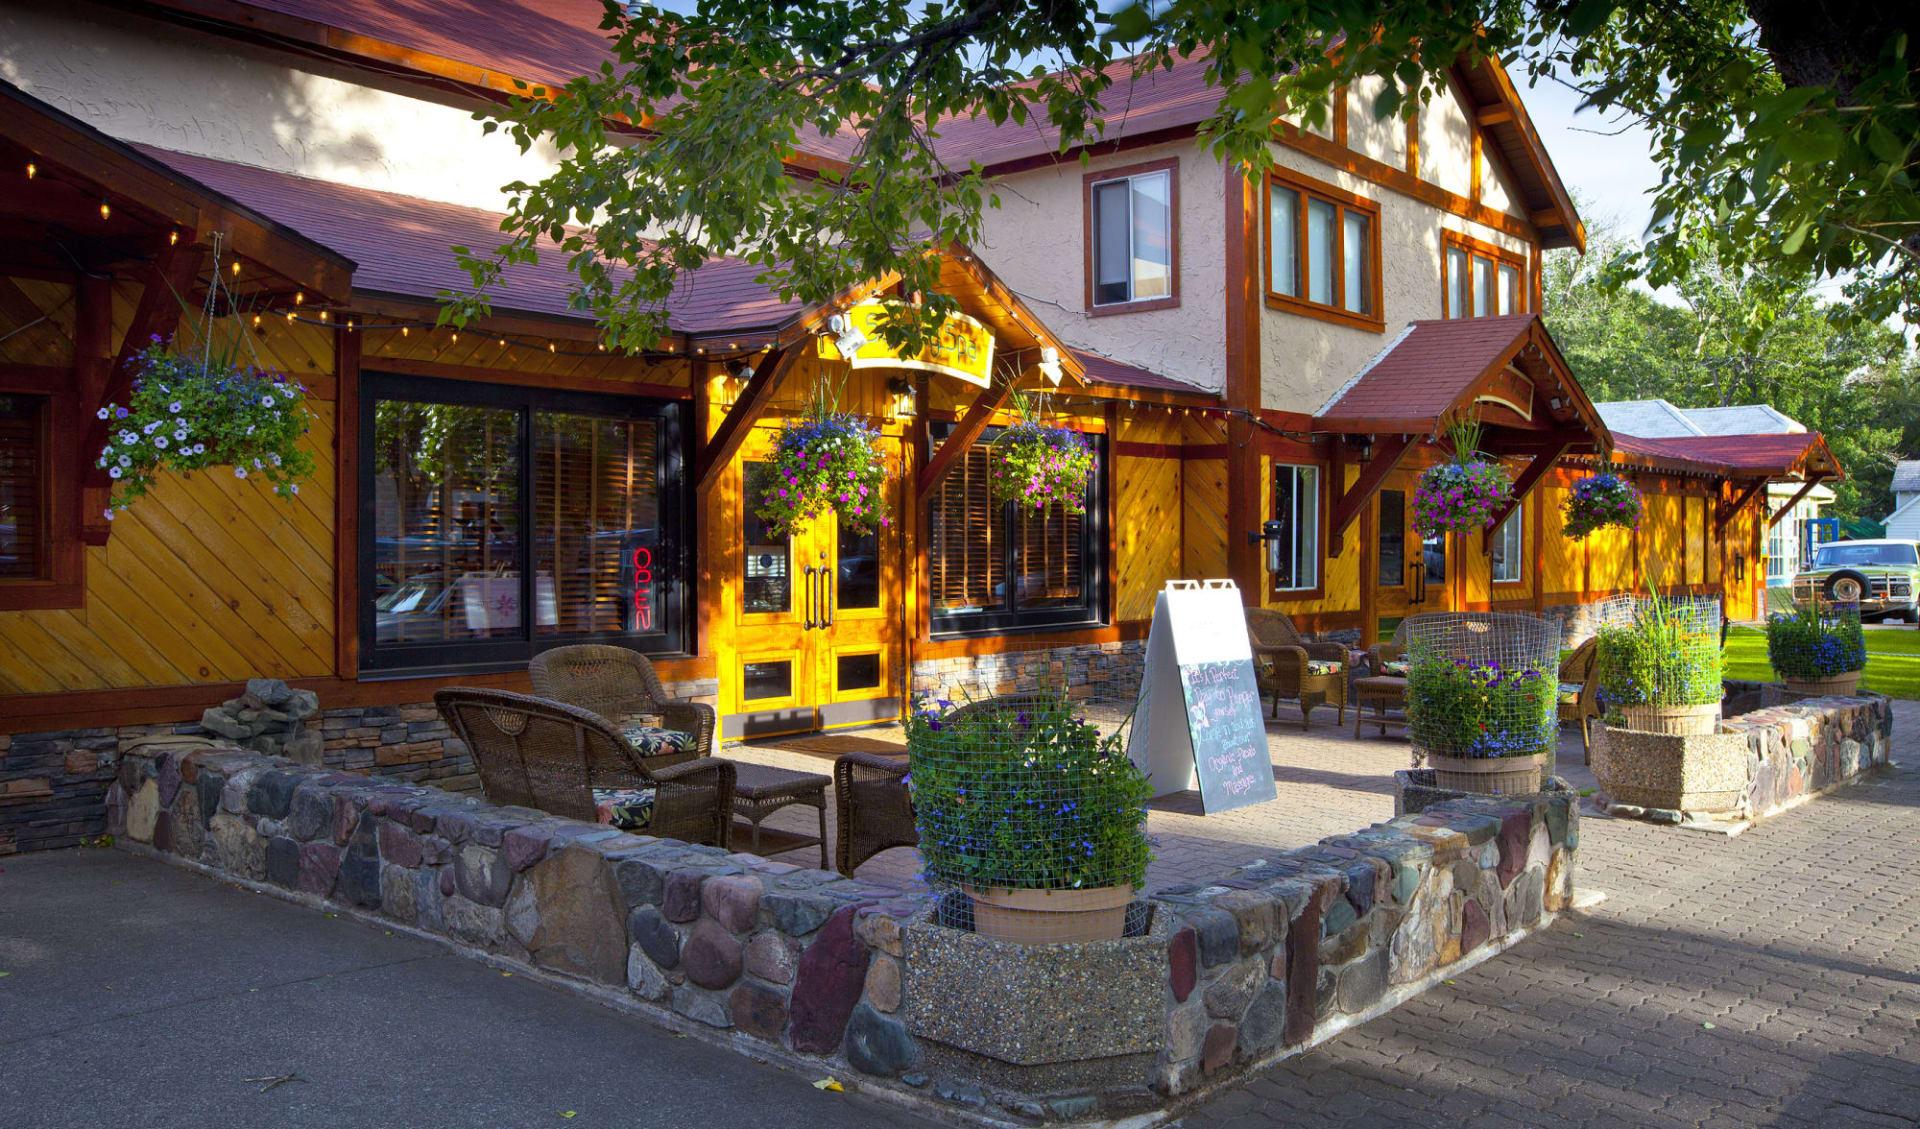 Bayshore Inn Resort & Spa in Waterton Lakes Nationalpark: exterior_Bayshore Inn Resort & Spa